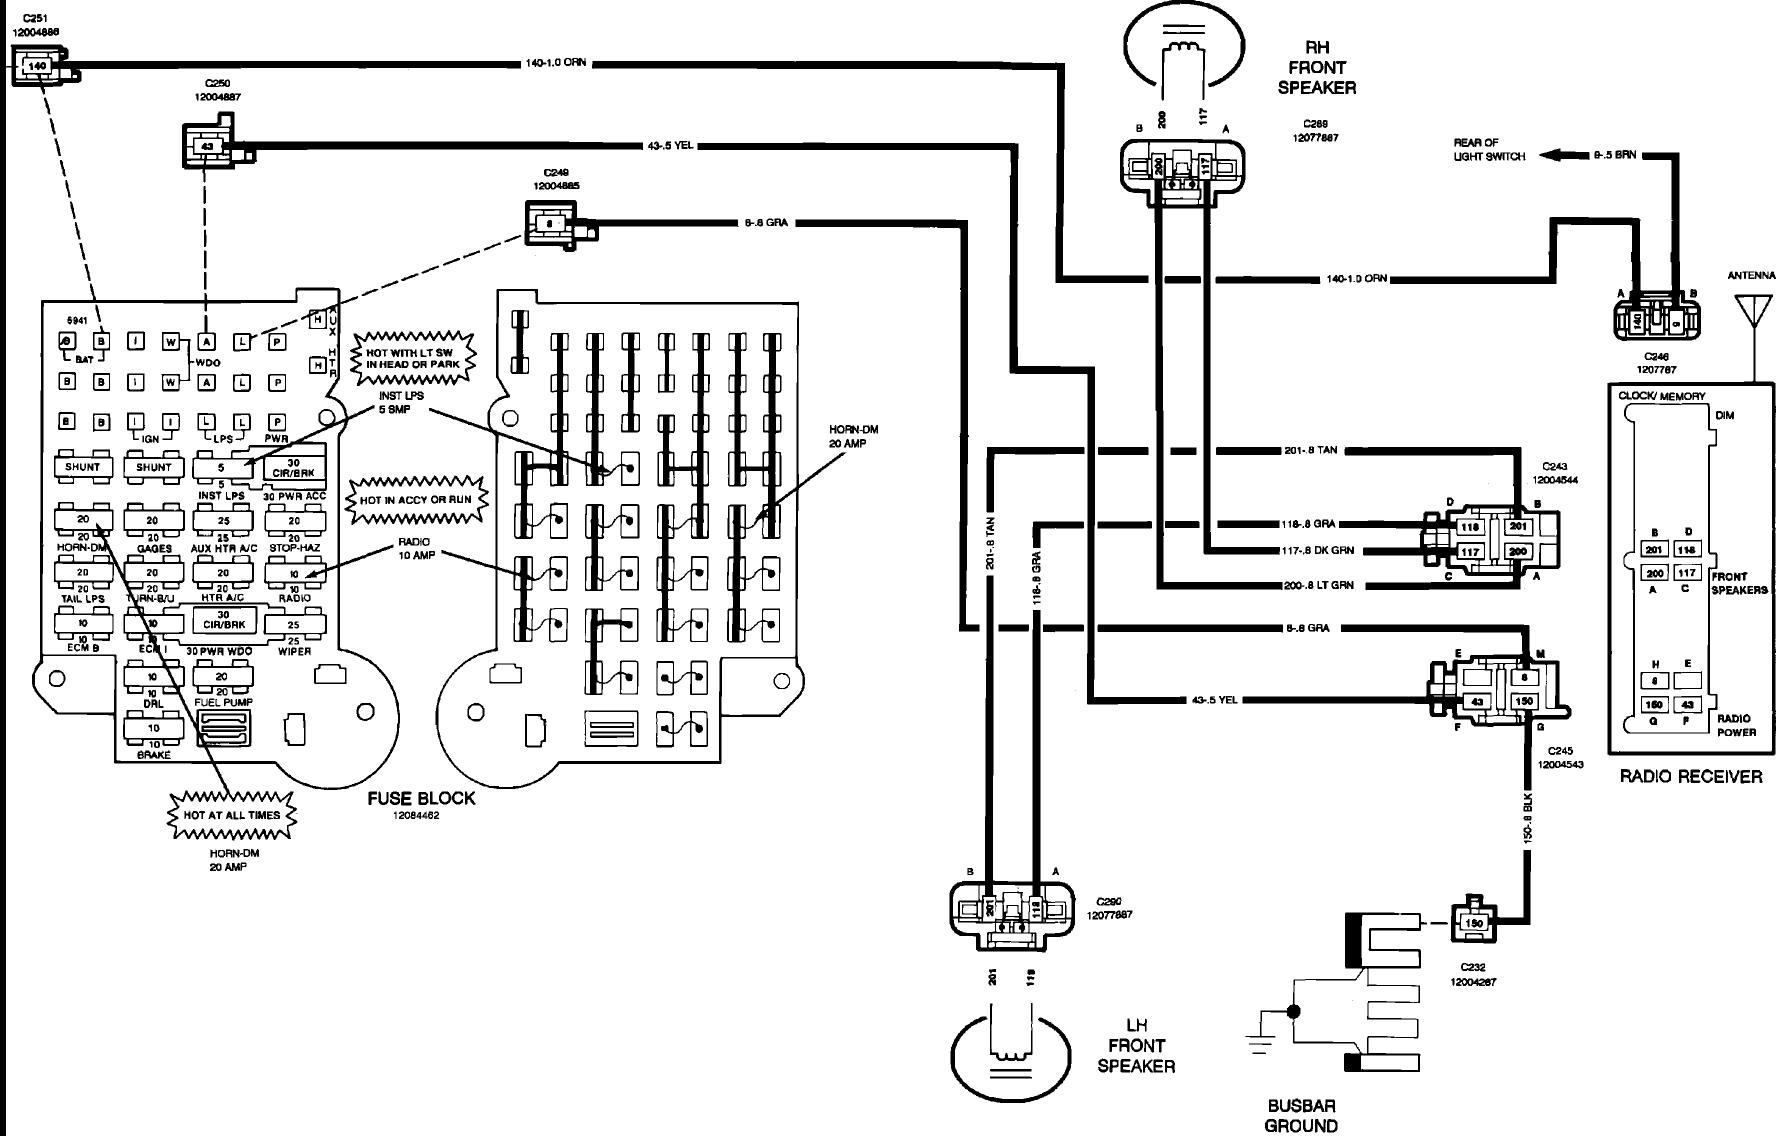 Chevy Cargo Van Fuse Box Diagram